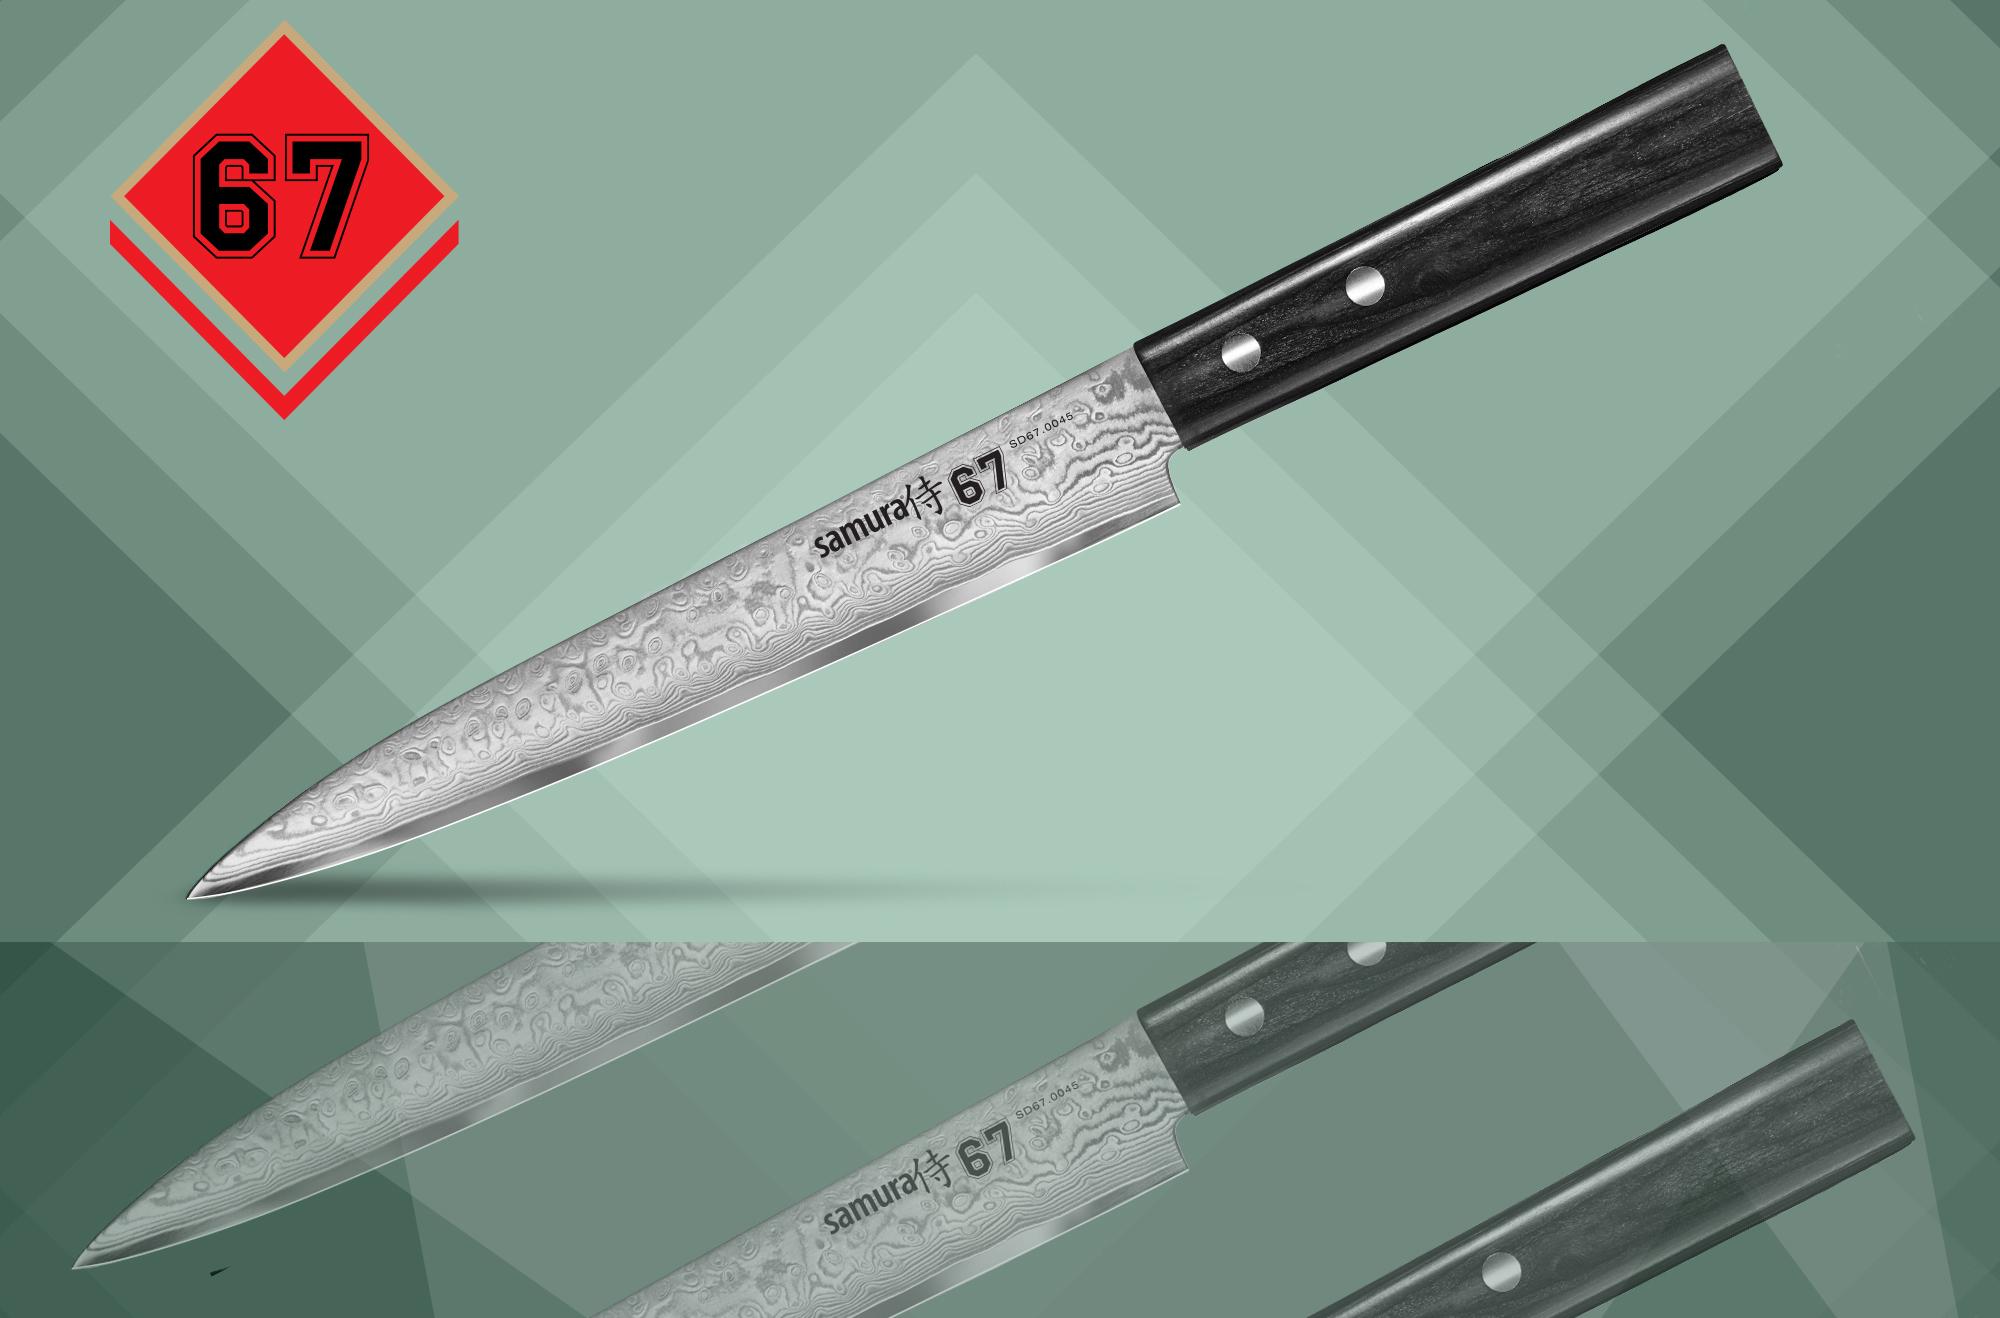 Фото 6 - Нож кухонный для тонкой нарезки Samura 67 DAMASCUS - SD67-0045, дамасская сталь, рукоять ABS пластик, 195 мм